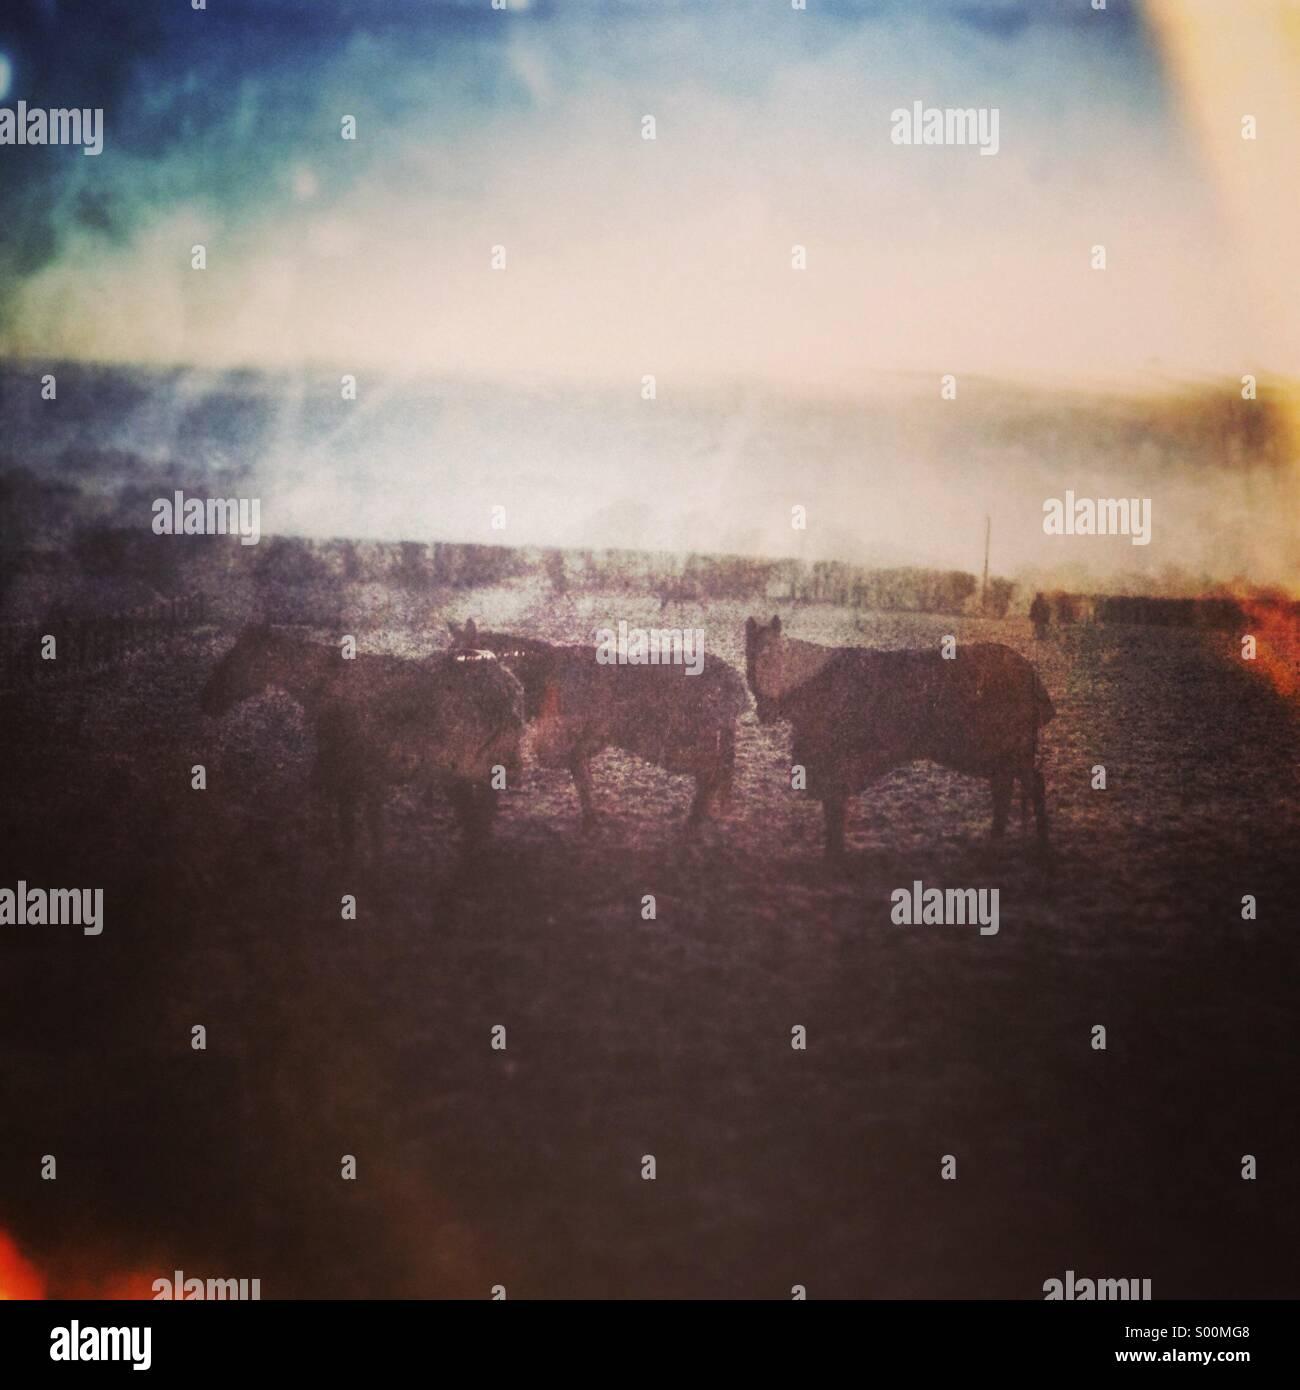 Caballos vestían chaquetas de invierno en campo con filtros vintage Imagen De Stock